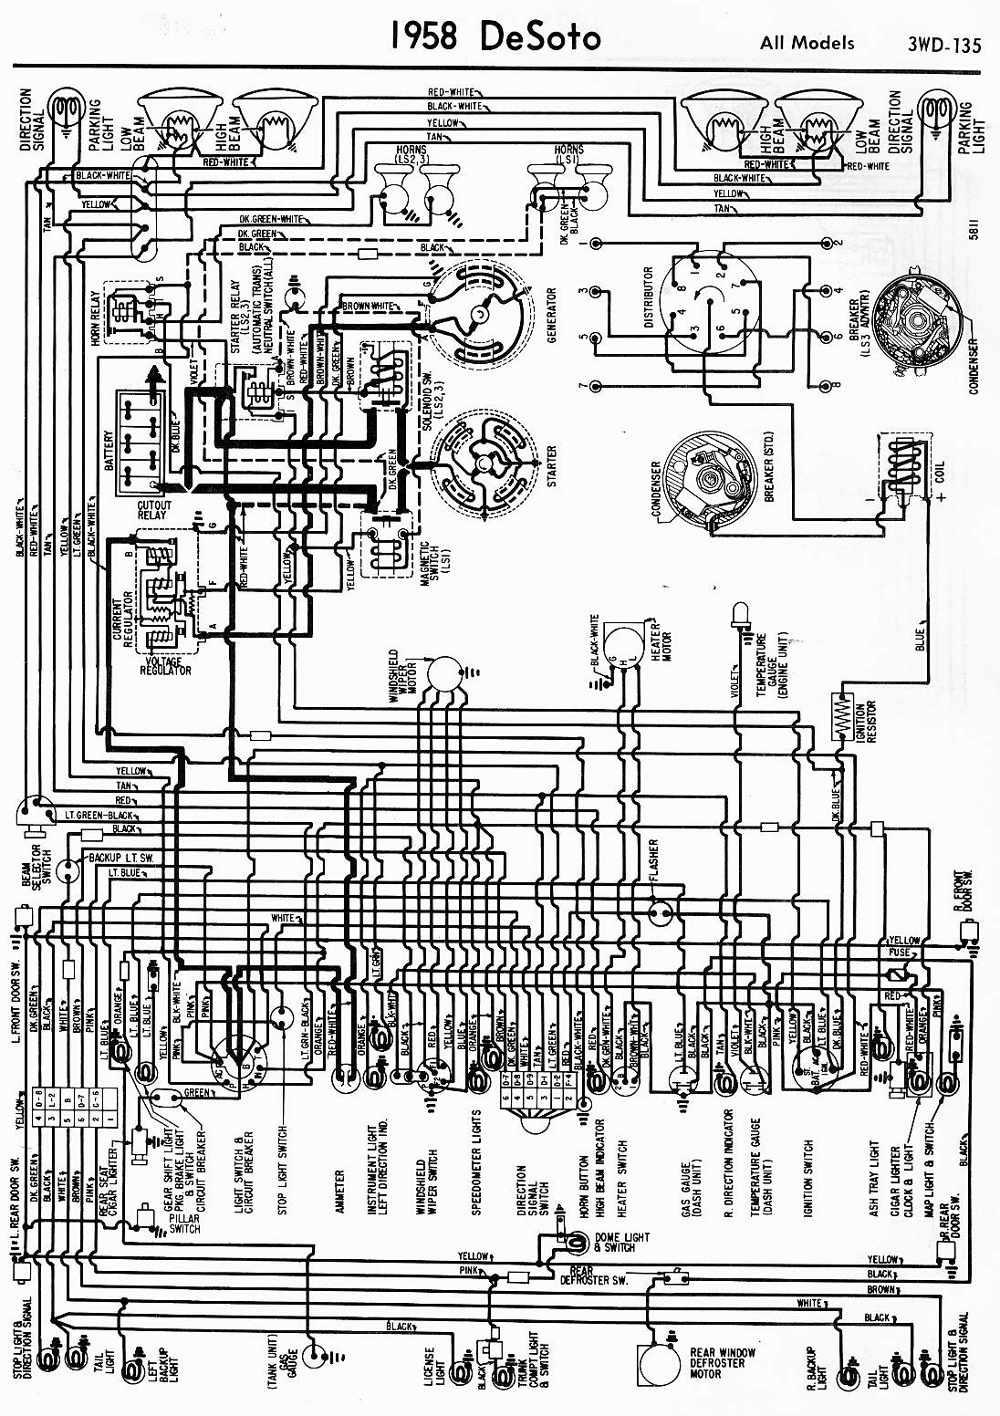 mercedes-benz diagram, yamaha diagram, jeep diagram, harley davidson diagram, honda diagram, lamborghini diagram, dodge diagram, smart diagram, peterbilt truck diagram, club car diagram, koenigsegg diagram, bmw diagram, kinetic diagram, ford diagram, naza diagram, jaguar diagram, caterpillar diagram, polaris diagram, cam diagram, mercury diagram, on mahindra 2310 wiring diagram